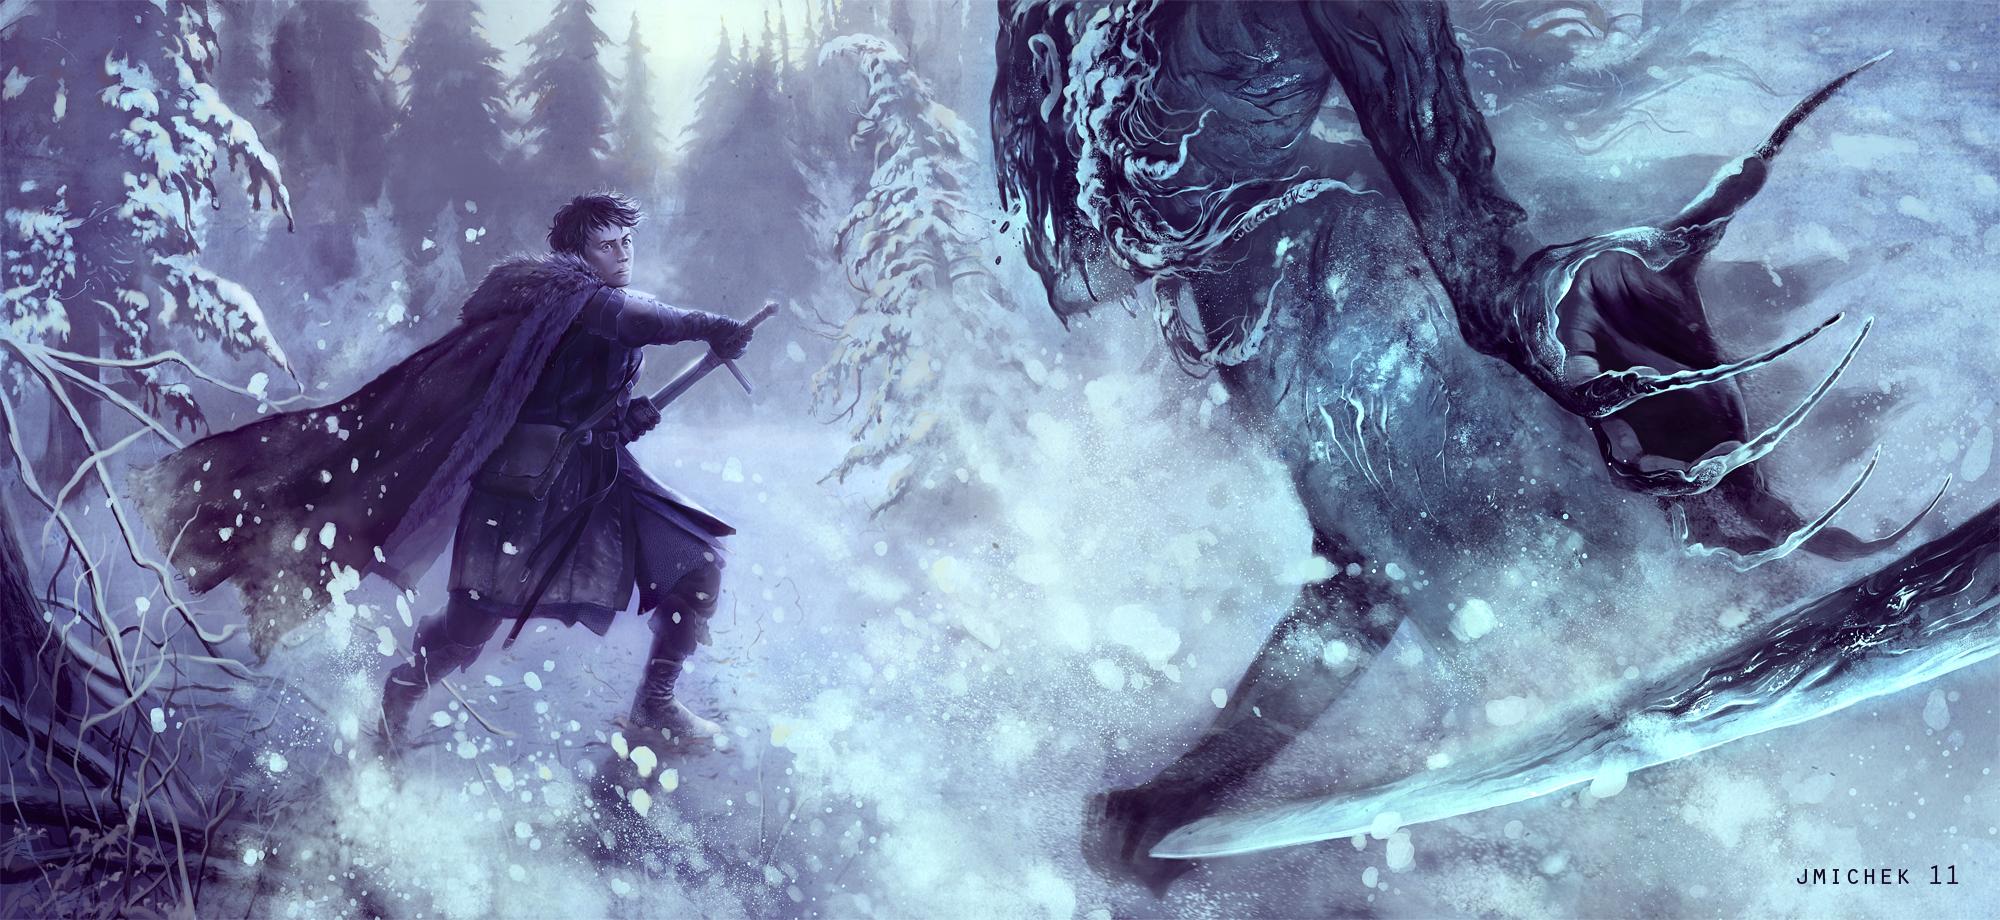 Game Of Thrones Jon Snow By Jmichek On Deviantart